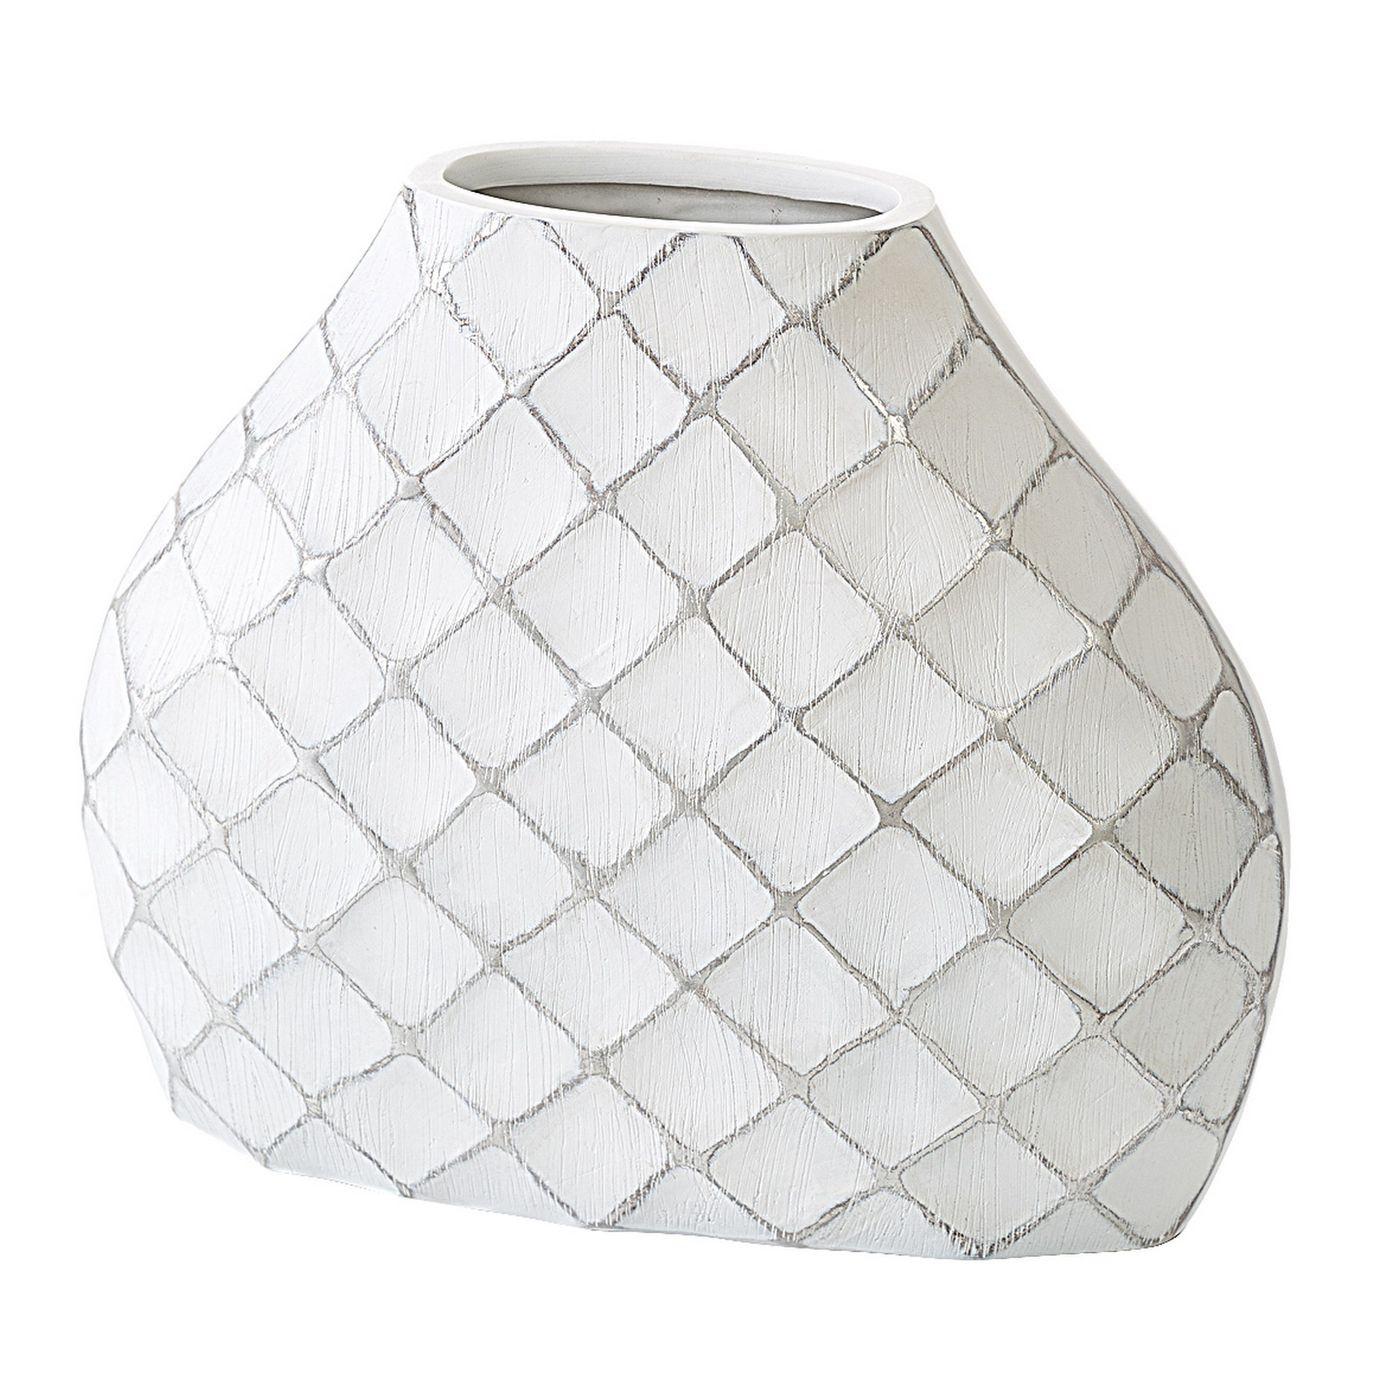 Wazon ceramiczny żłobiony z przetarciami 37 cm